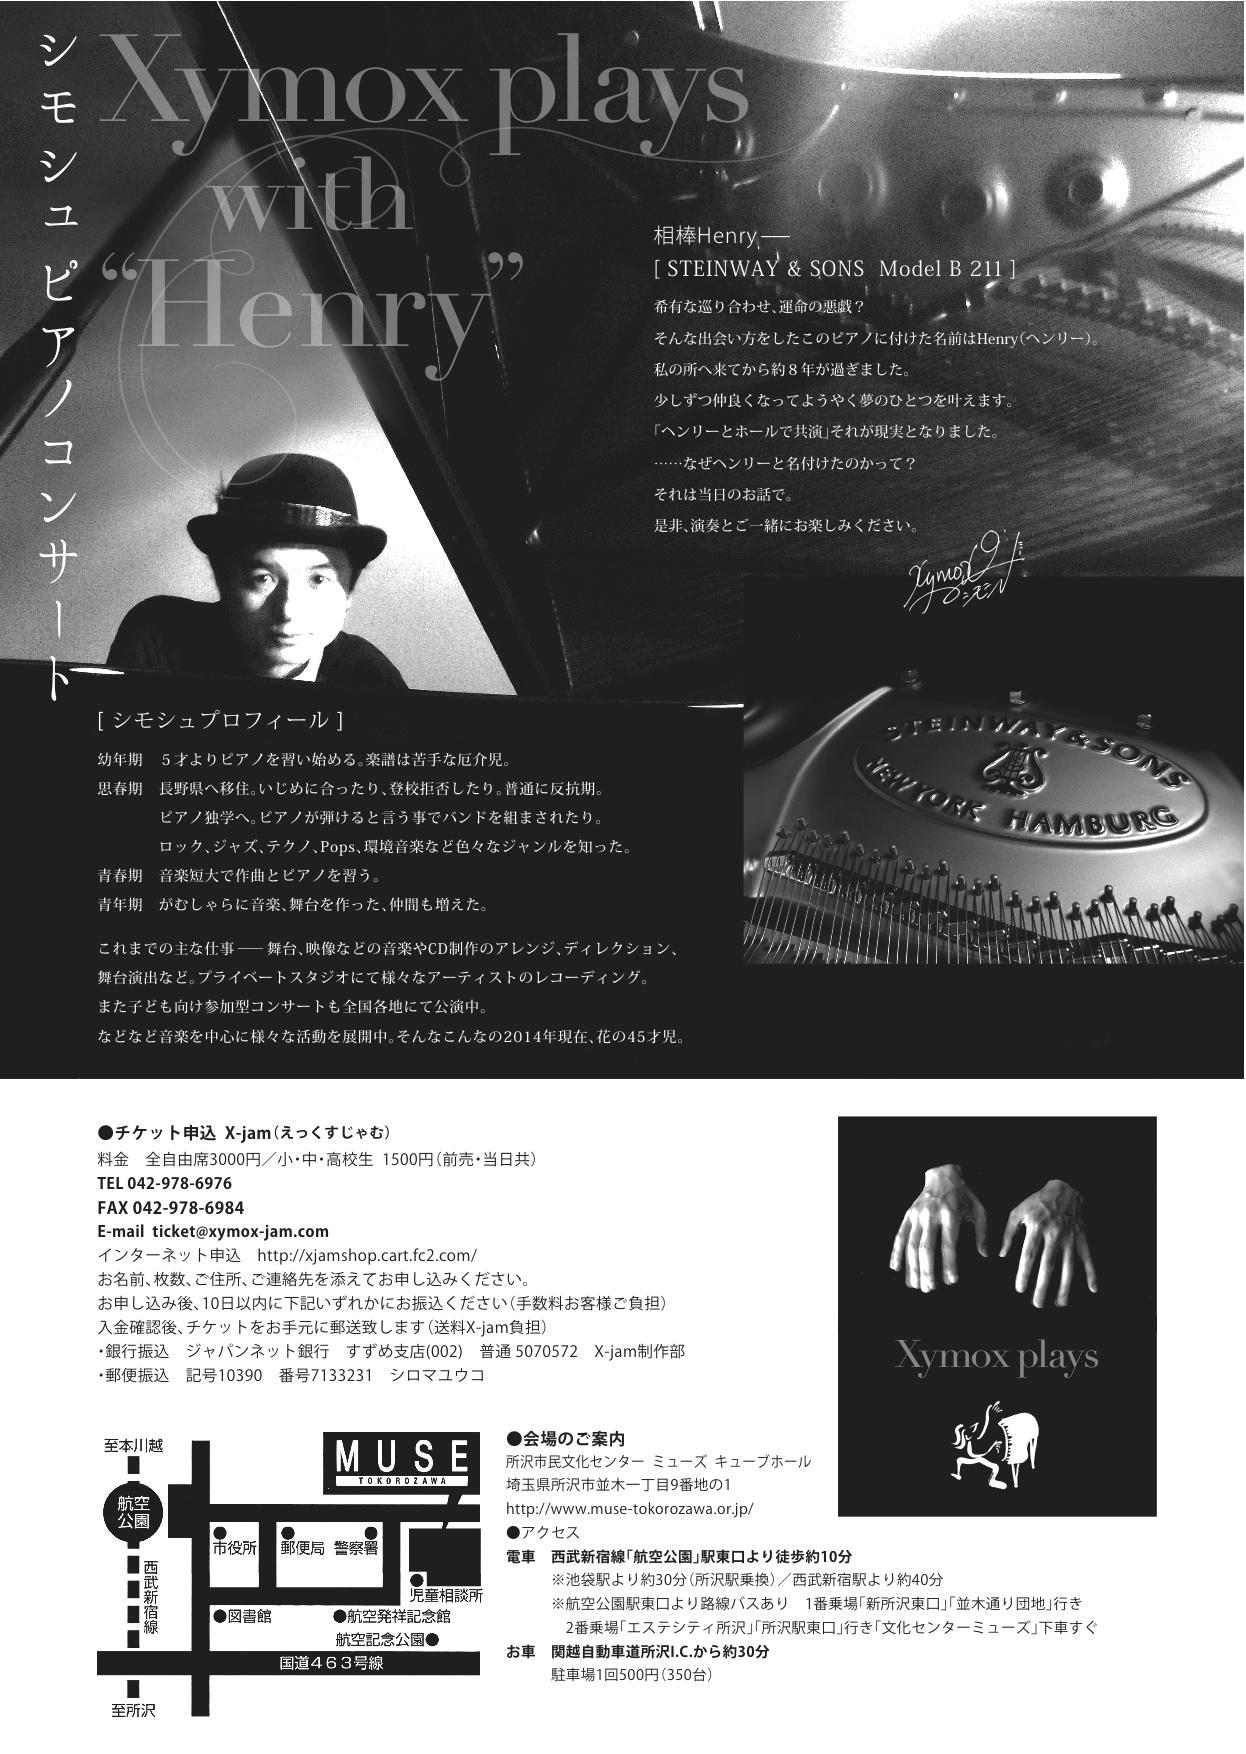 シモシュコンサート2